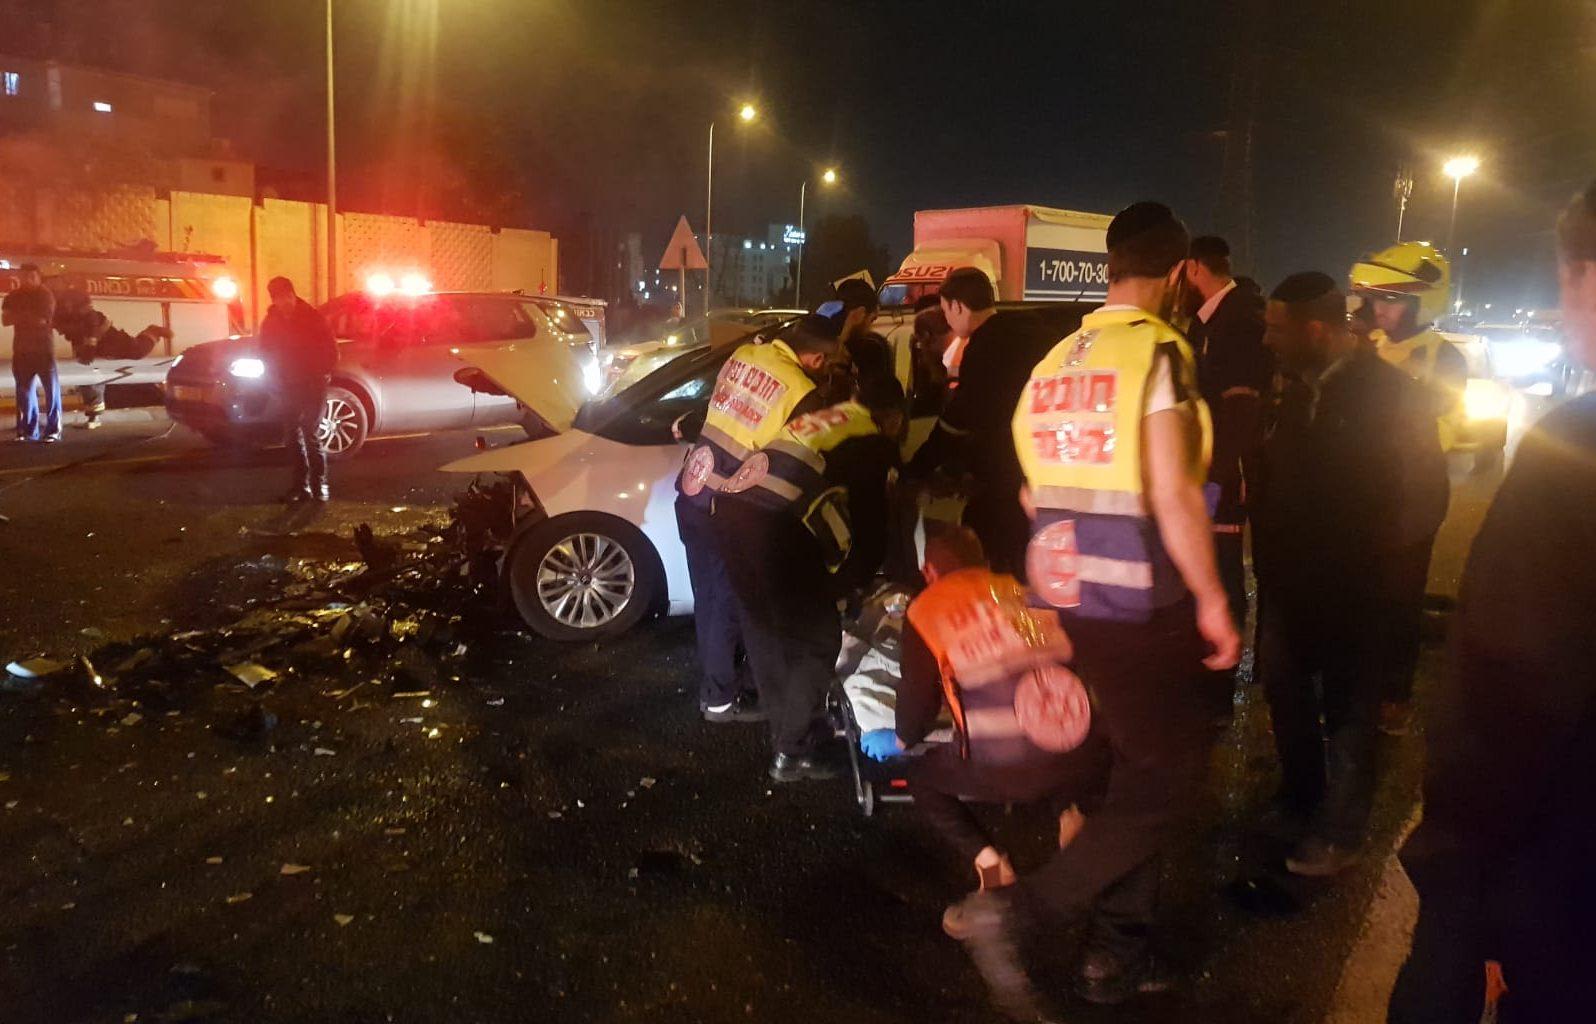 בן 30 נהרג לאחר שנפגע מרכב סמוך למחלף קוממיות בחולון